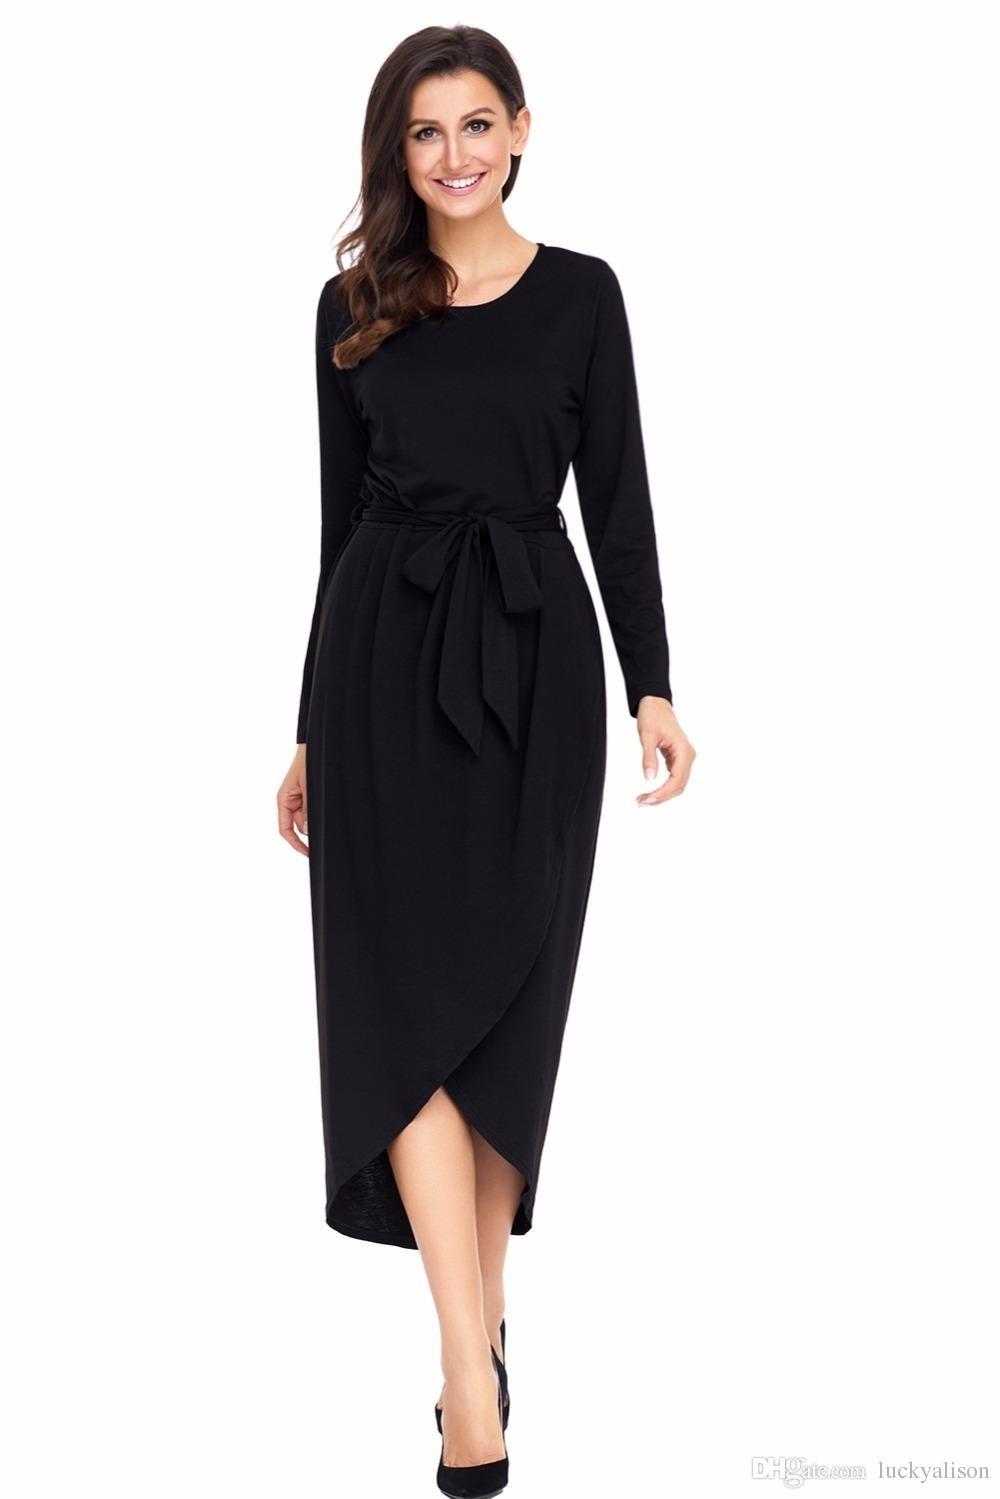 13 Elegant Kleider Für Frauen Bester PreisDesigner Cool Kleider Für Frauen Stylish